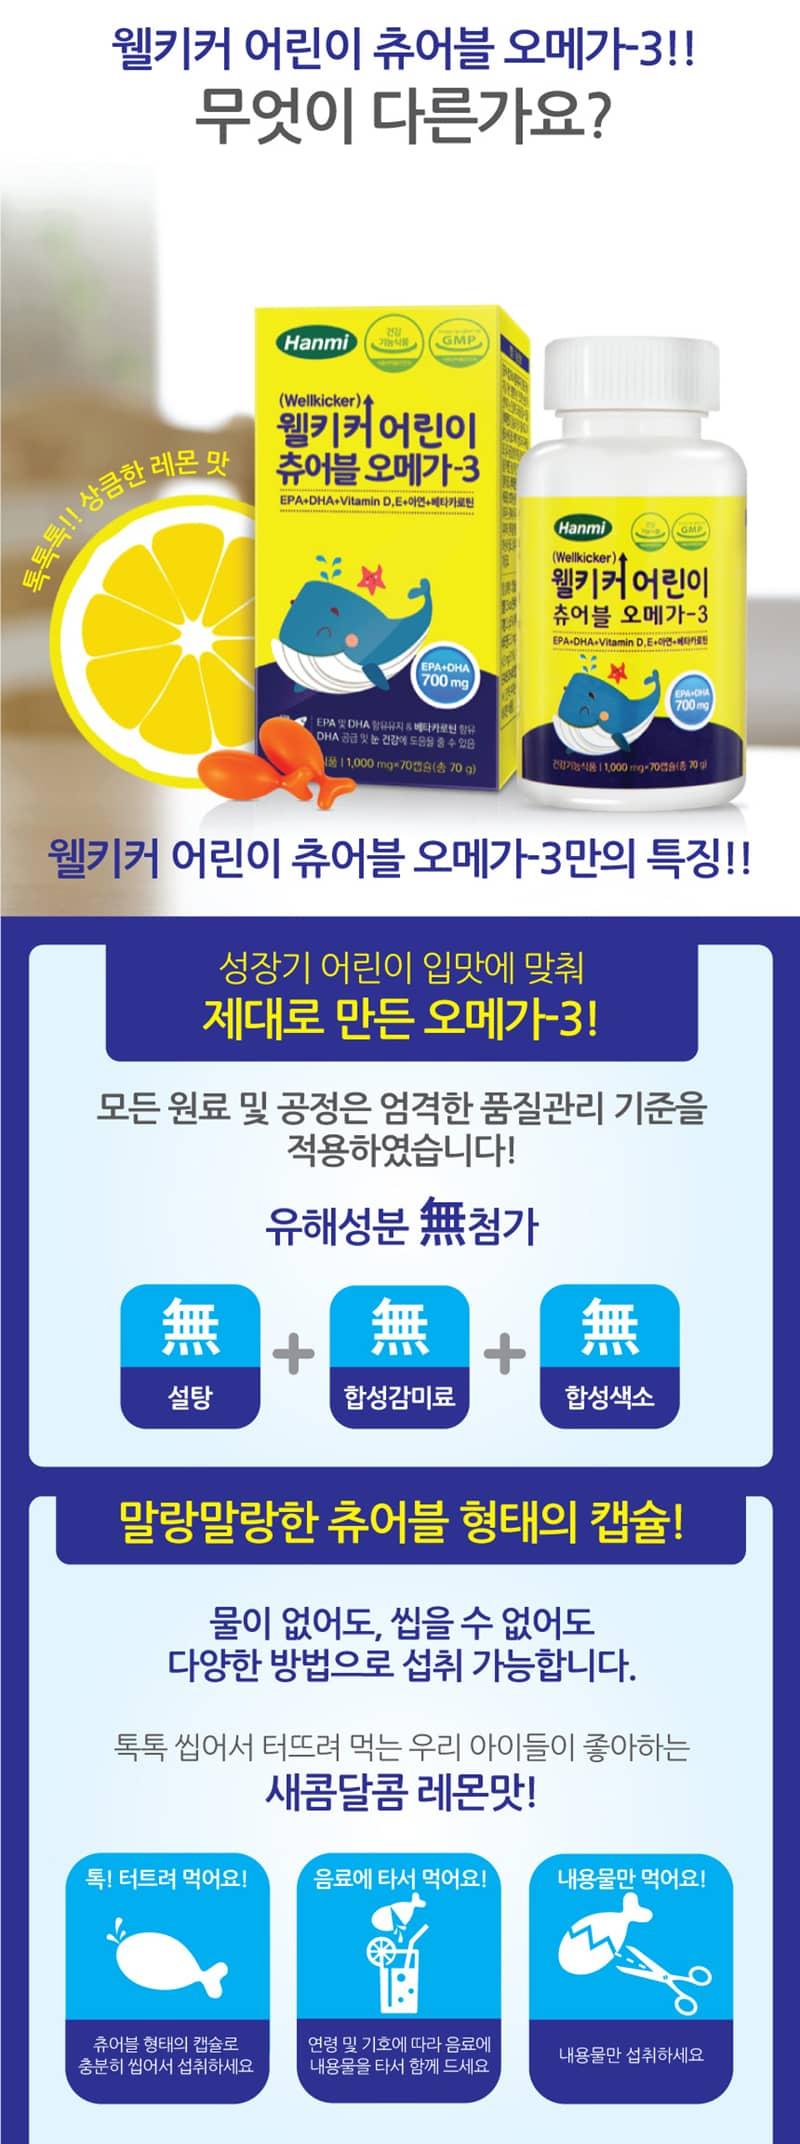 Hanmi-Kids_chyueobeul_omega3_detail_800_2.jpg